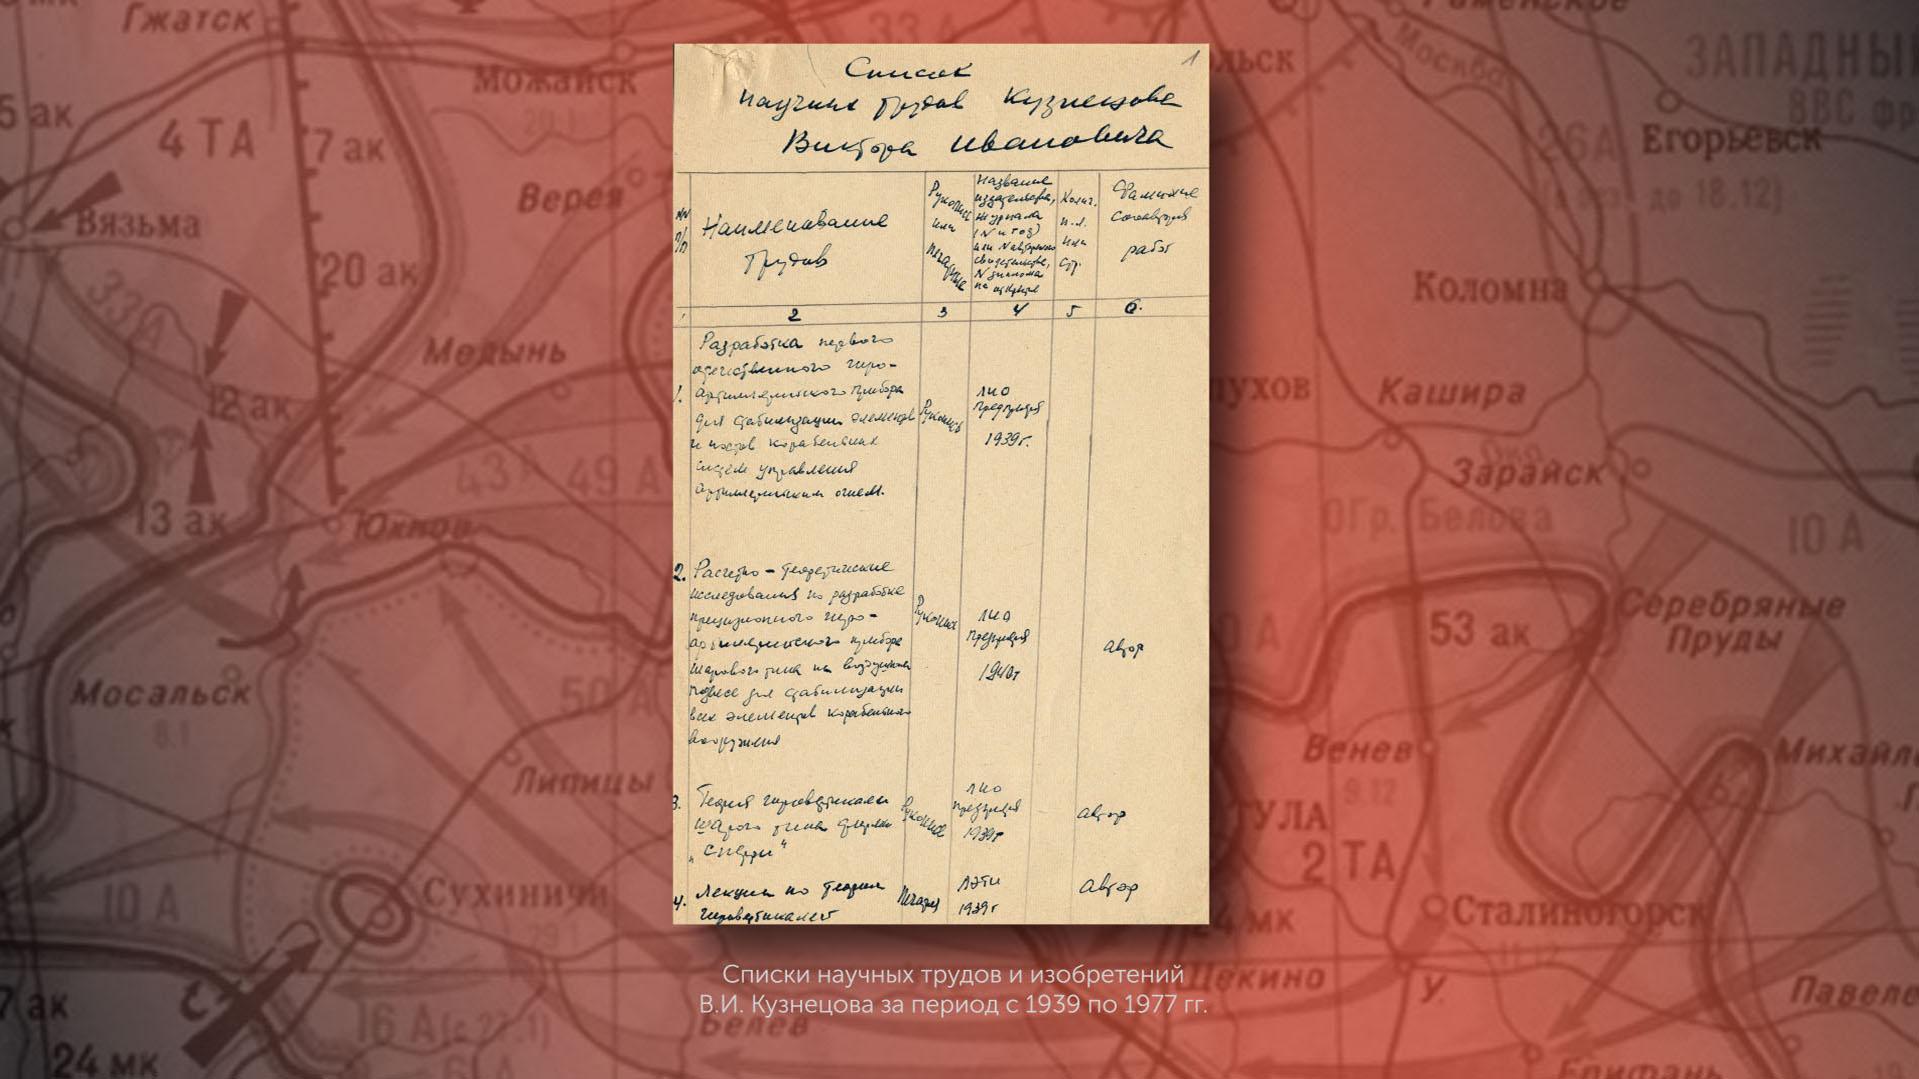 Списки научных трудов и изобретений В.И. Кузнецова